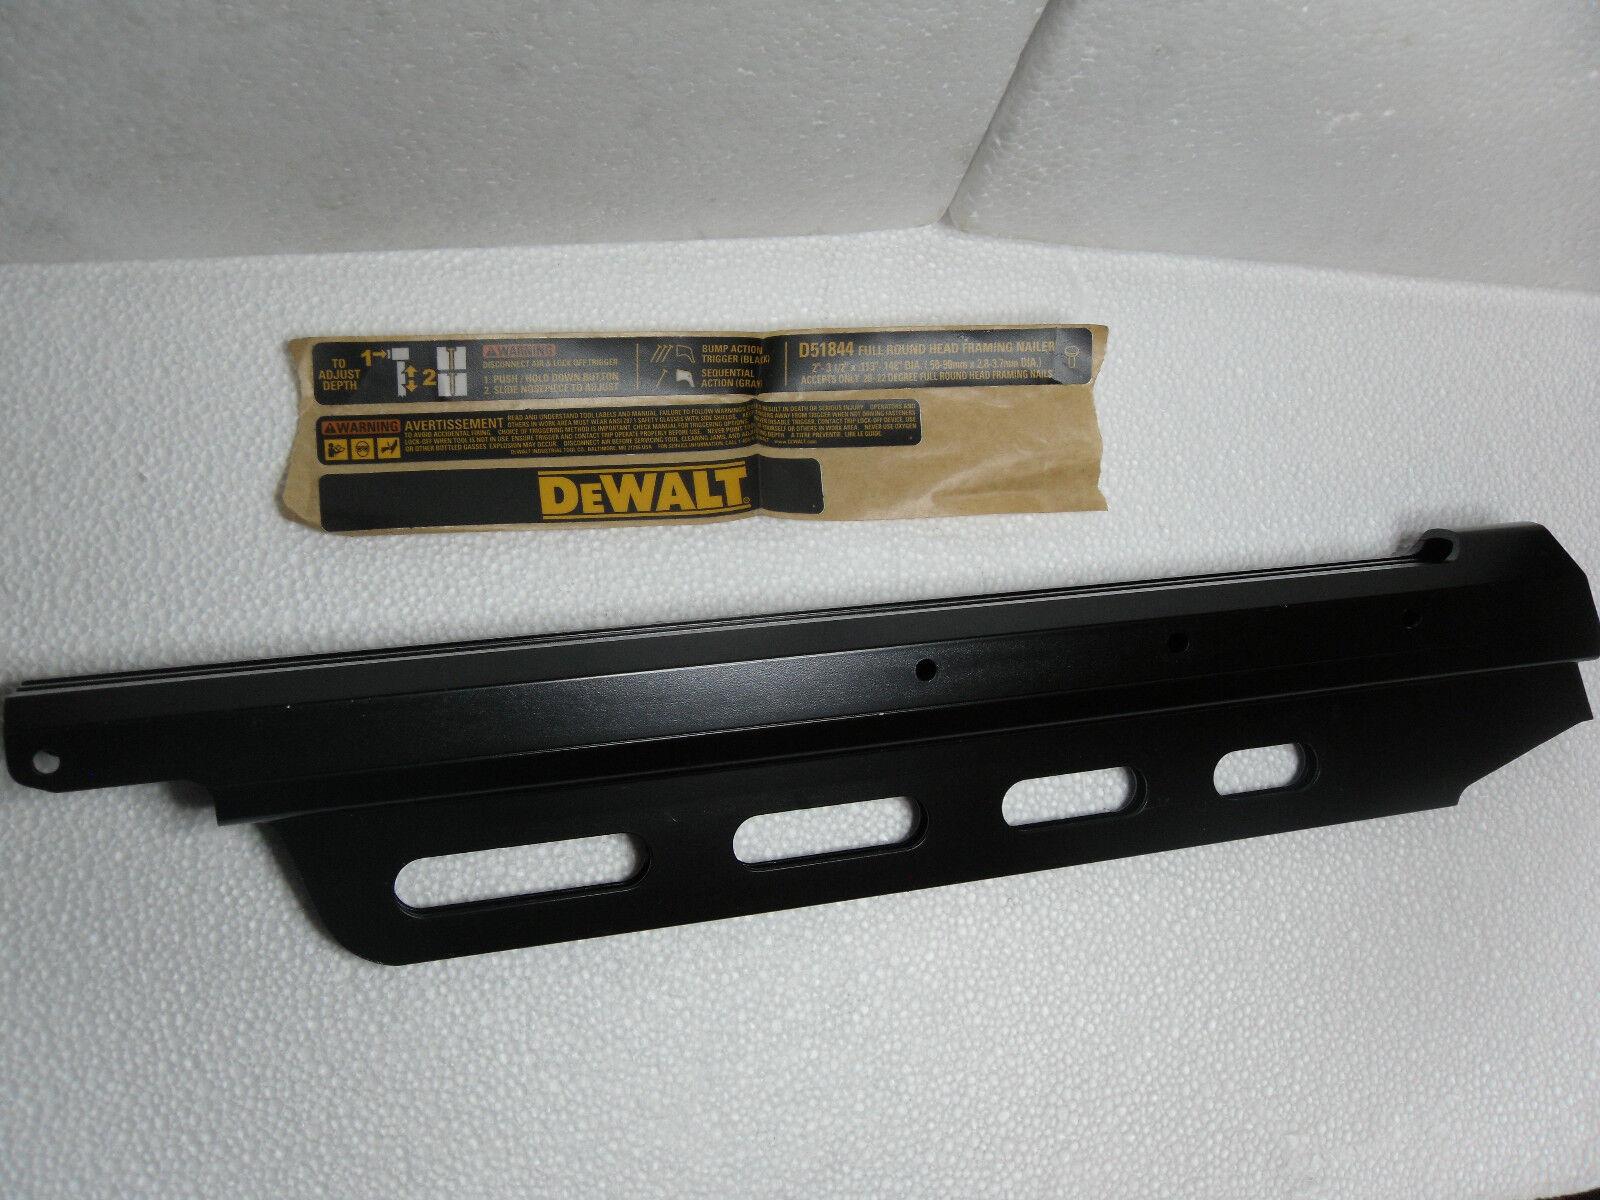 Dewalt  5140012-03 Framer Magazine Base for D51844 T1 Round Head Framing Nailer